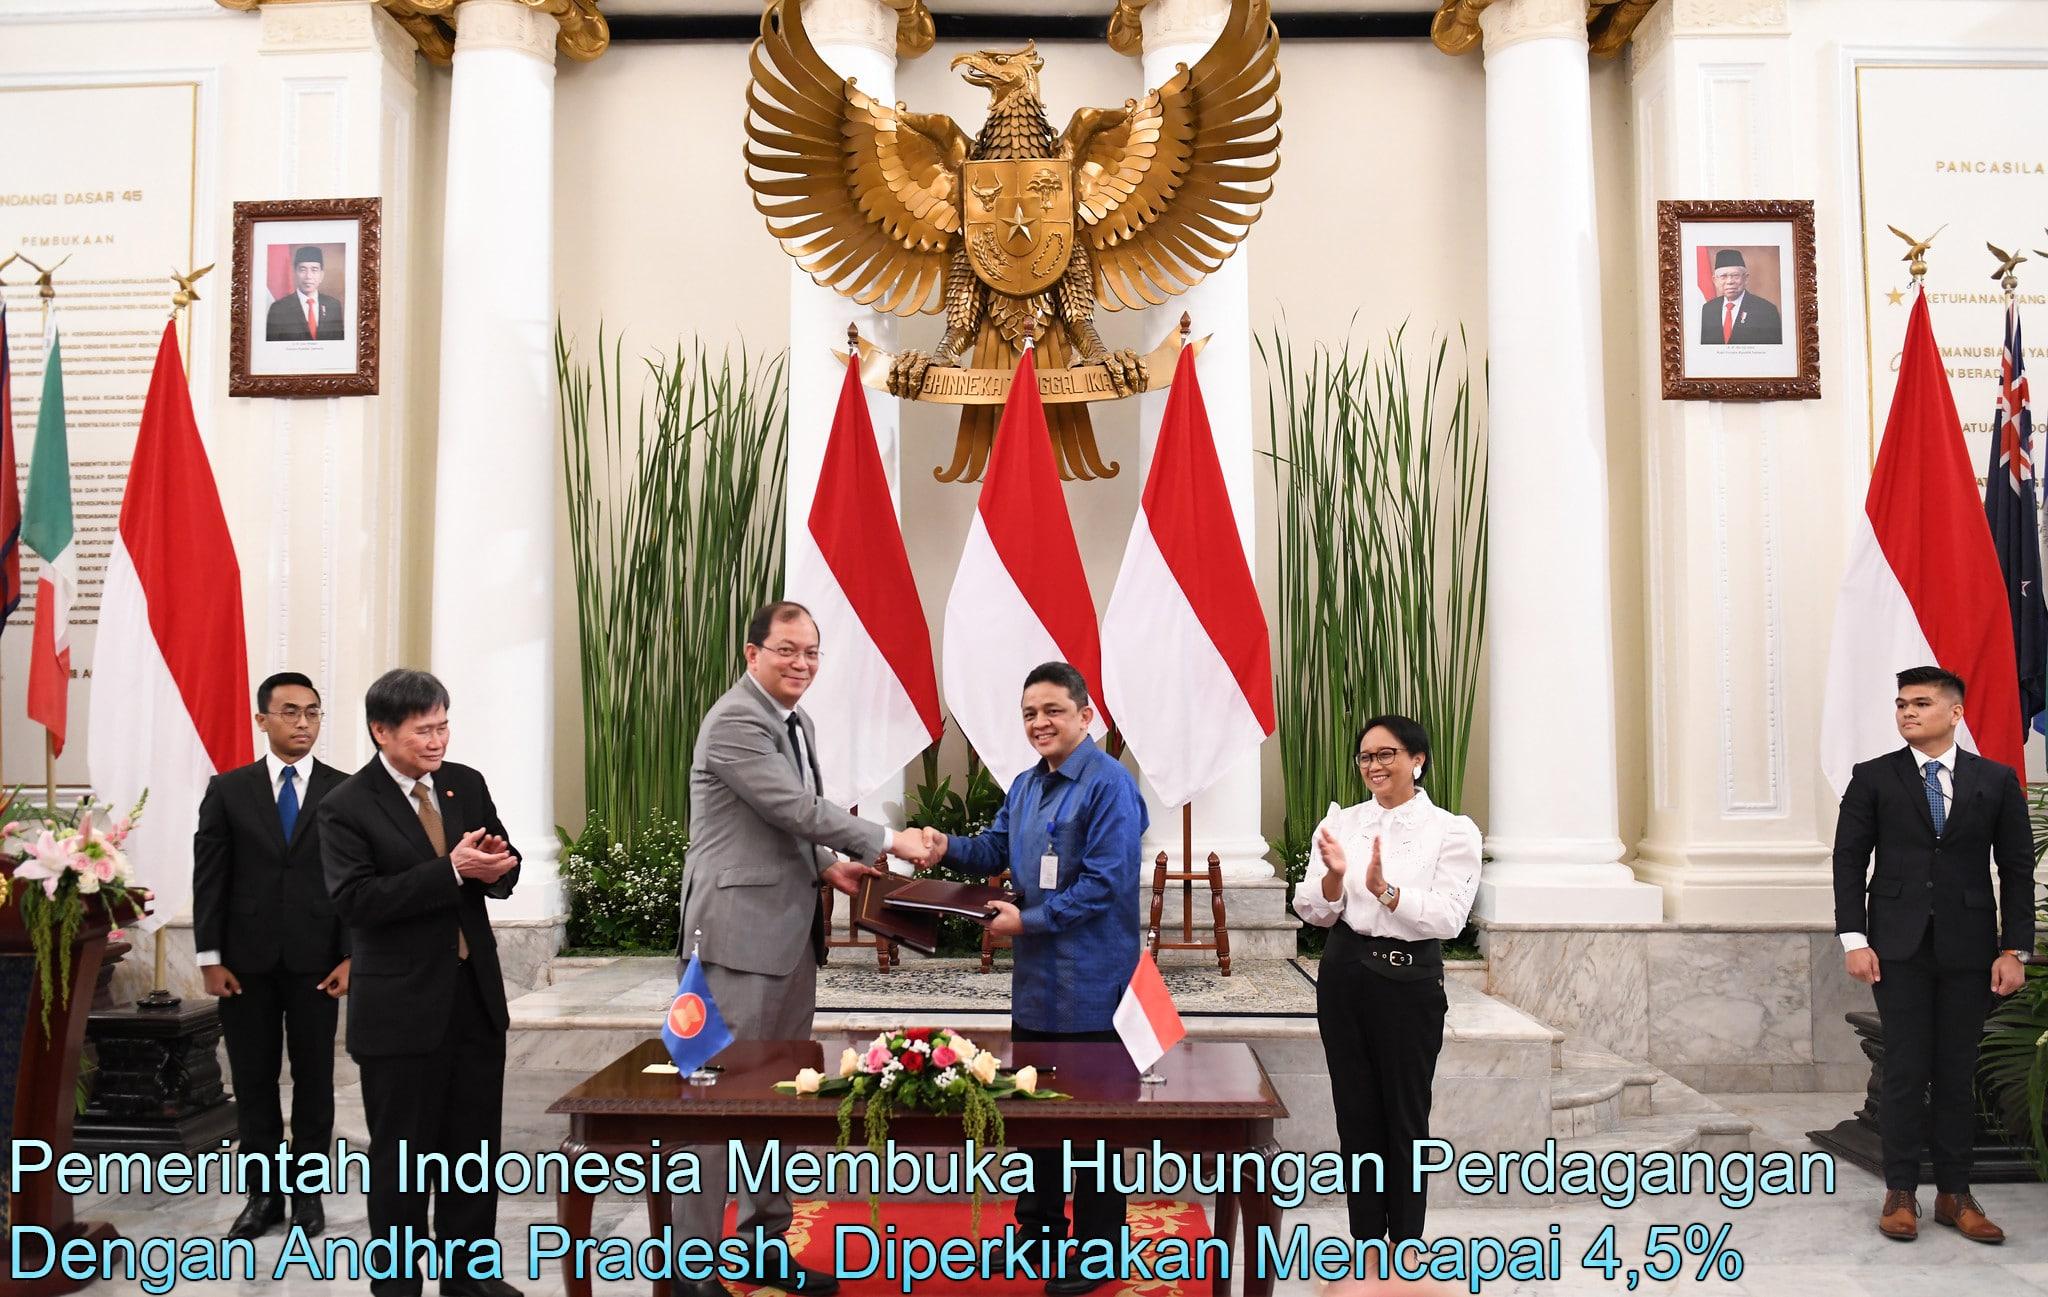 Pemerintah Indonesia Membuka Hubungan Perdagangan Dengan Andhra Pradesh